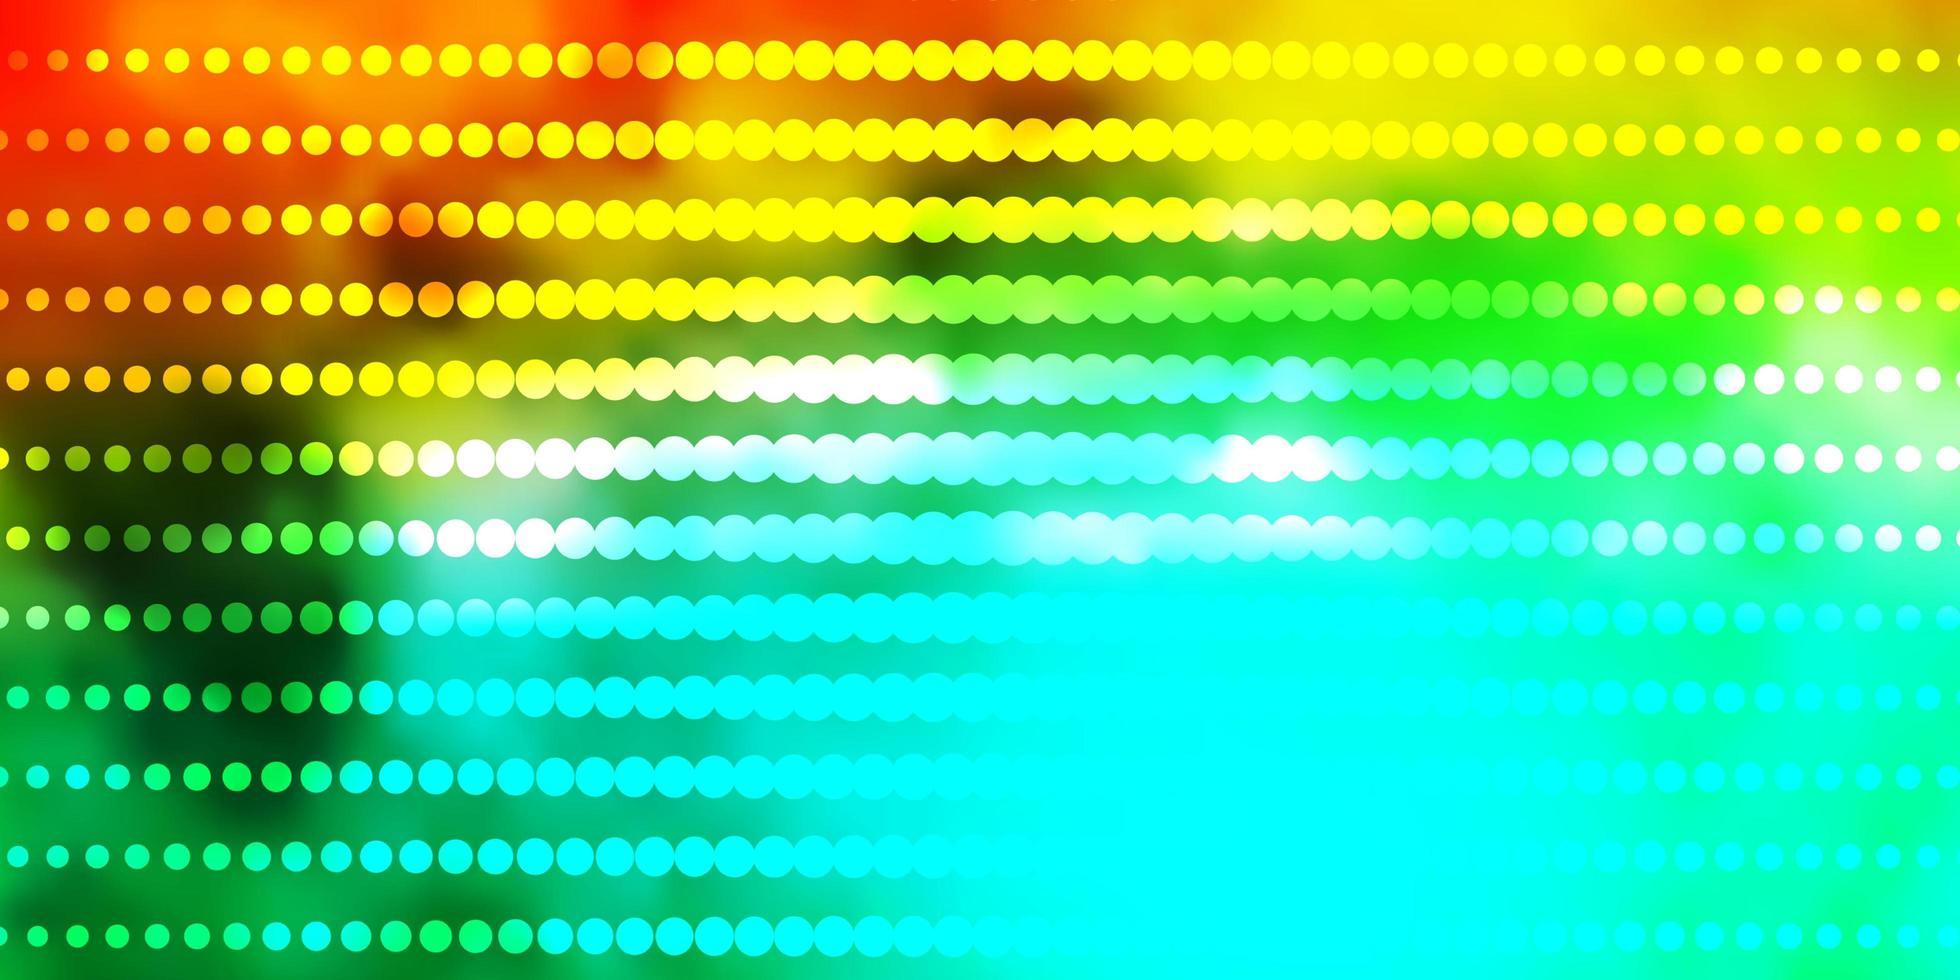 hellgrünes, gelbes Vektorlayout mit Kreisen. vektor